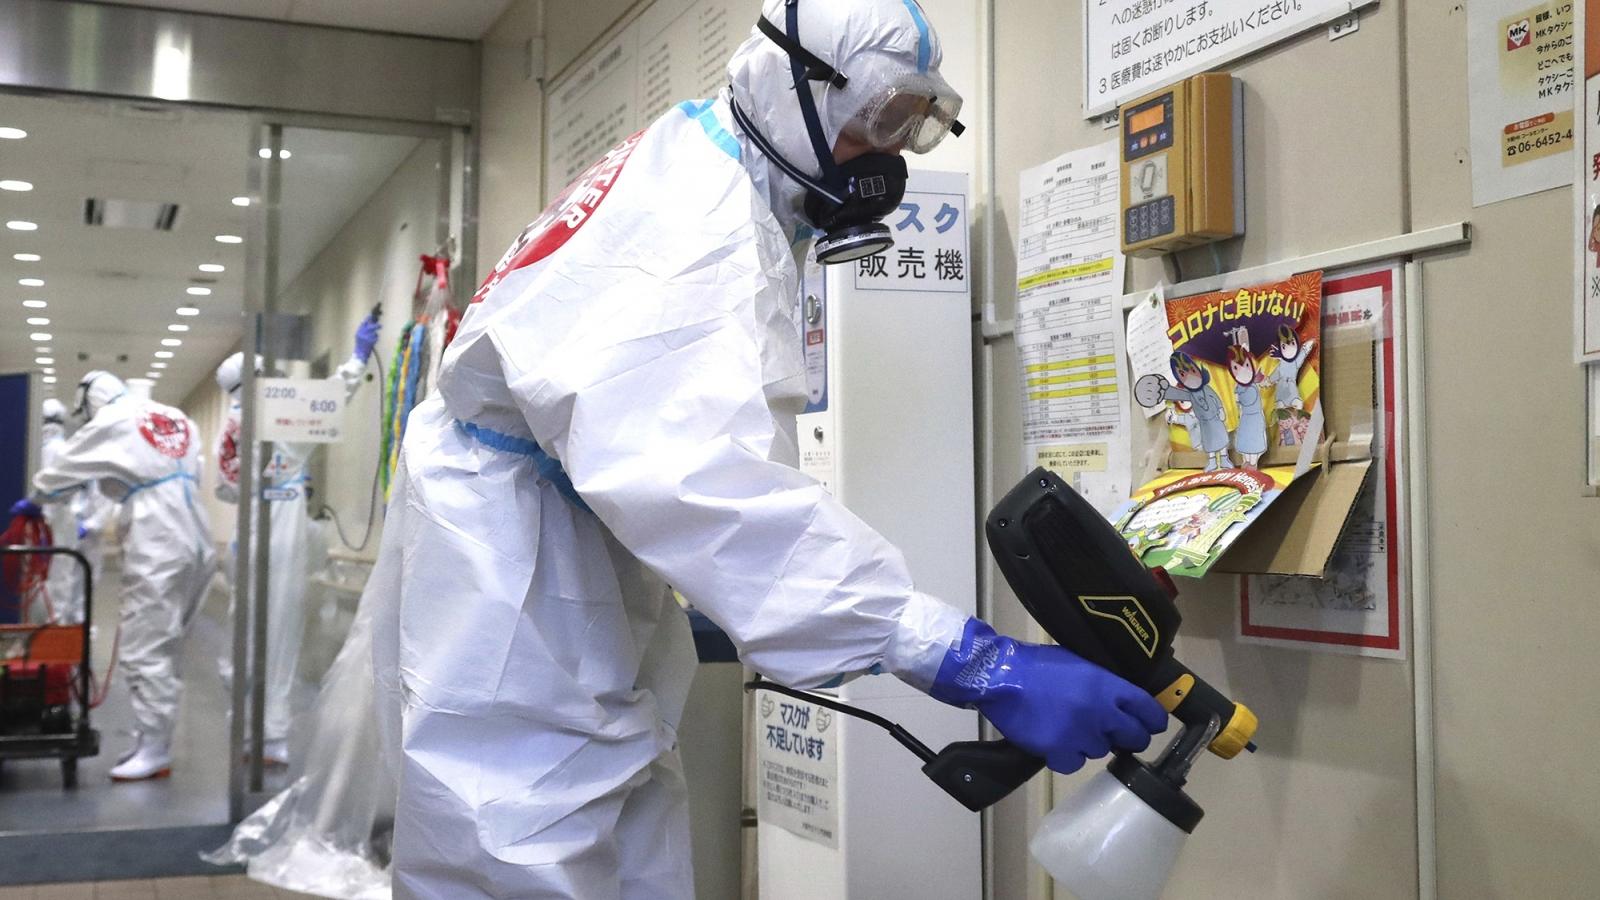 Hệ thống y tế của thành phố lớn thứ hai Nhật Bản có nguy cơ sụp đổ vì Covid-19